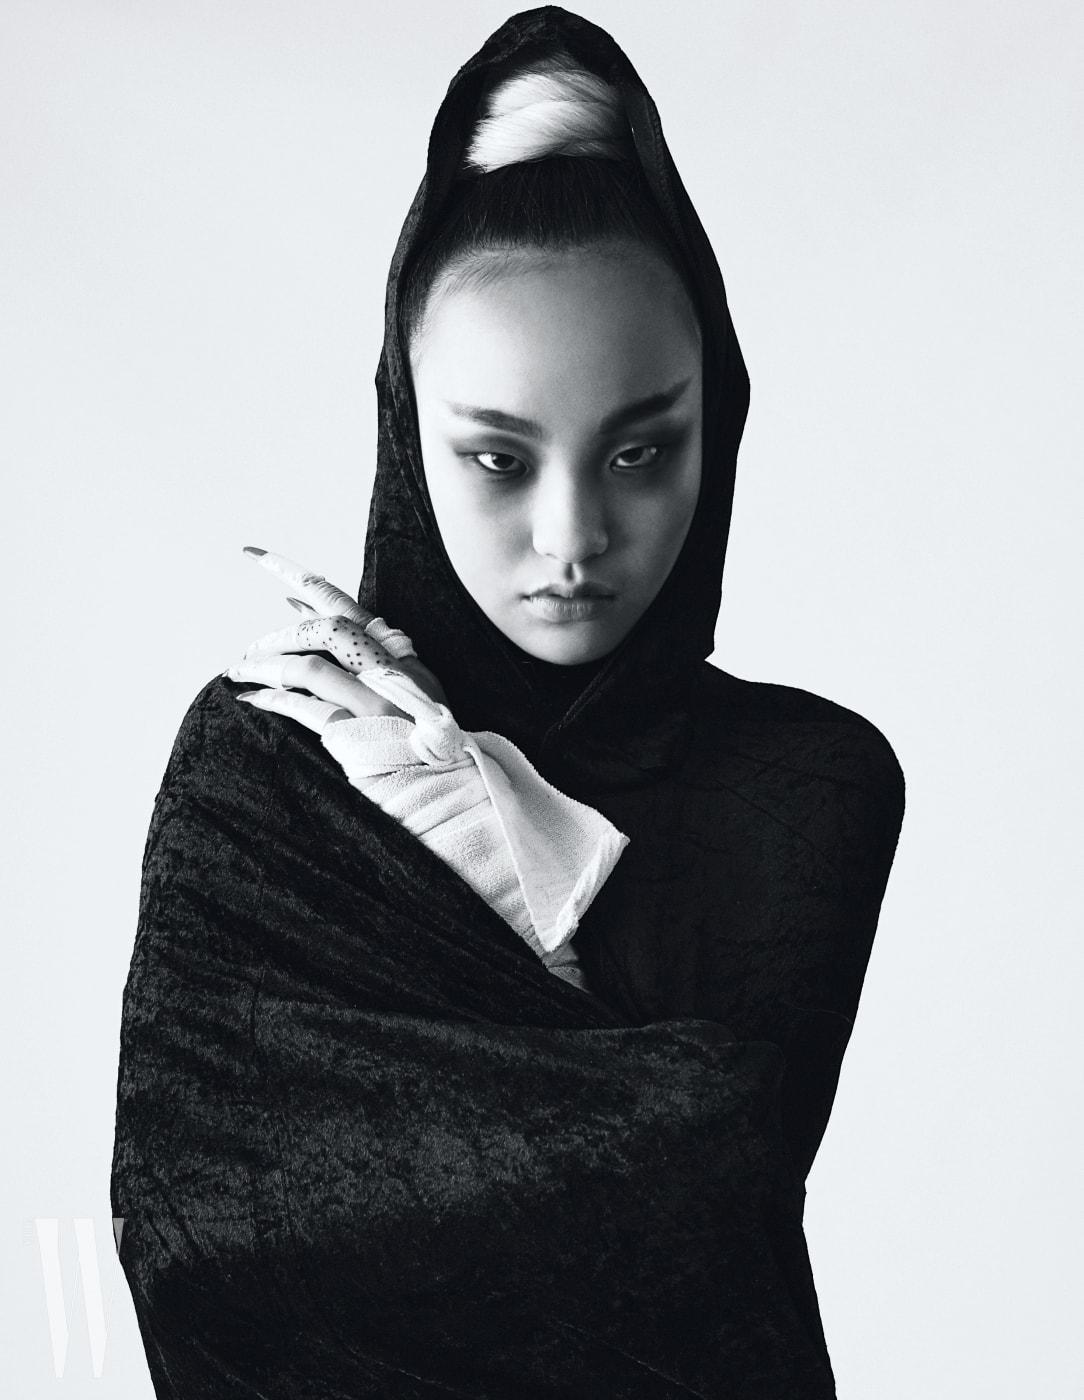 모델 김별이 입은 벨벳 케이프는 Zara 제품.